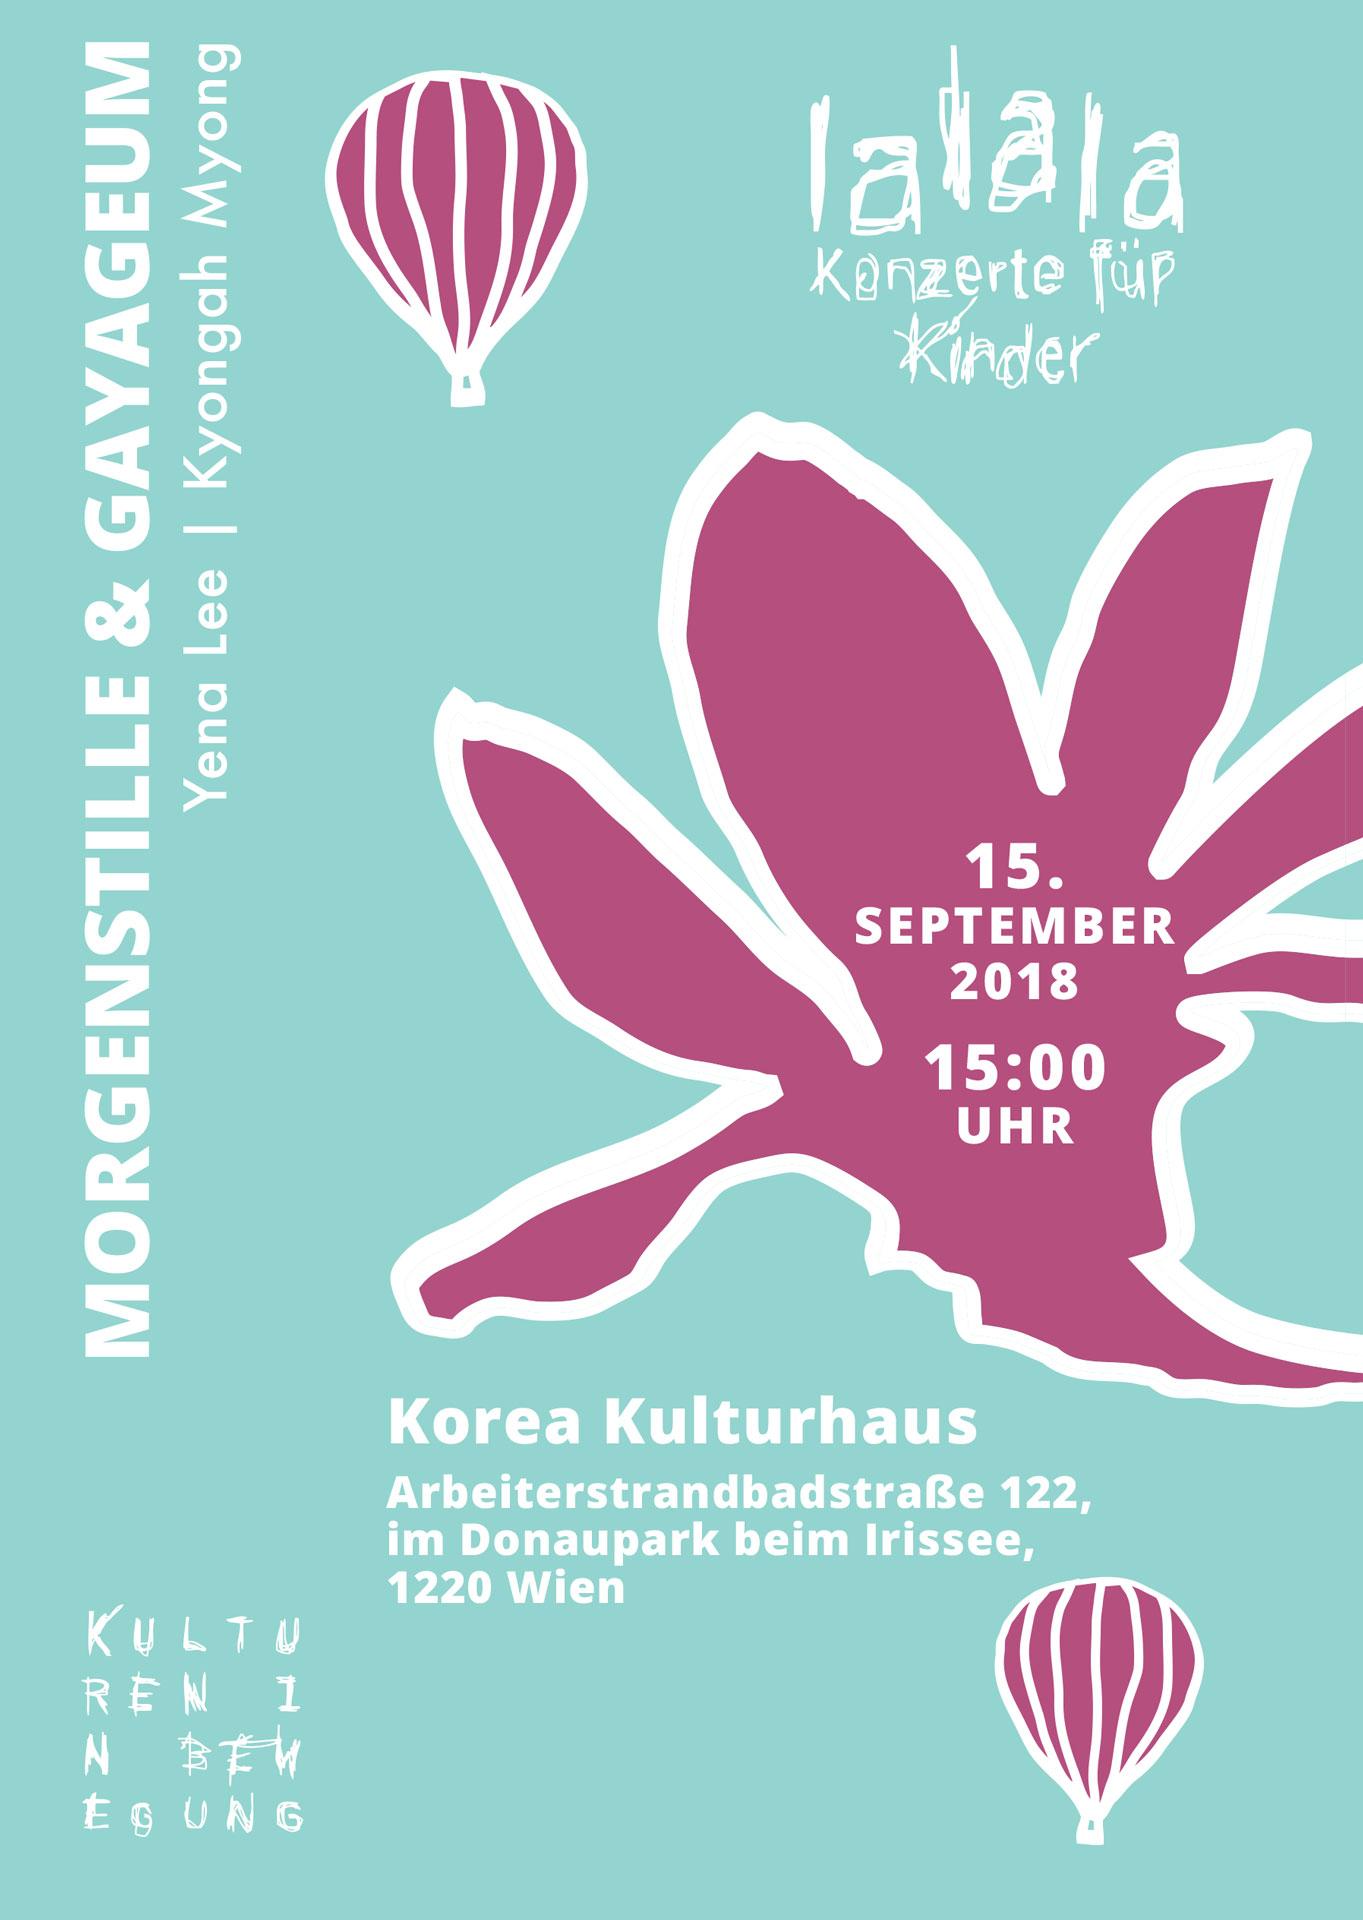 Korea Kulturhaus - Ein Stück Korea in Wien - Koreanische Kultur